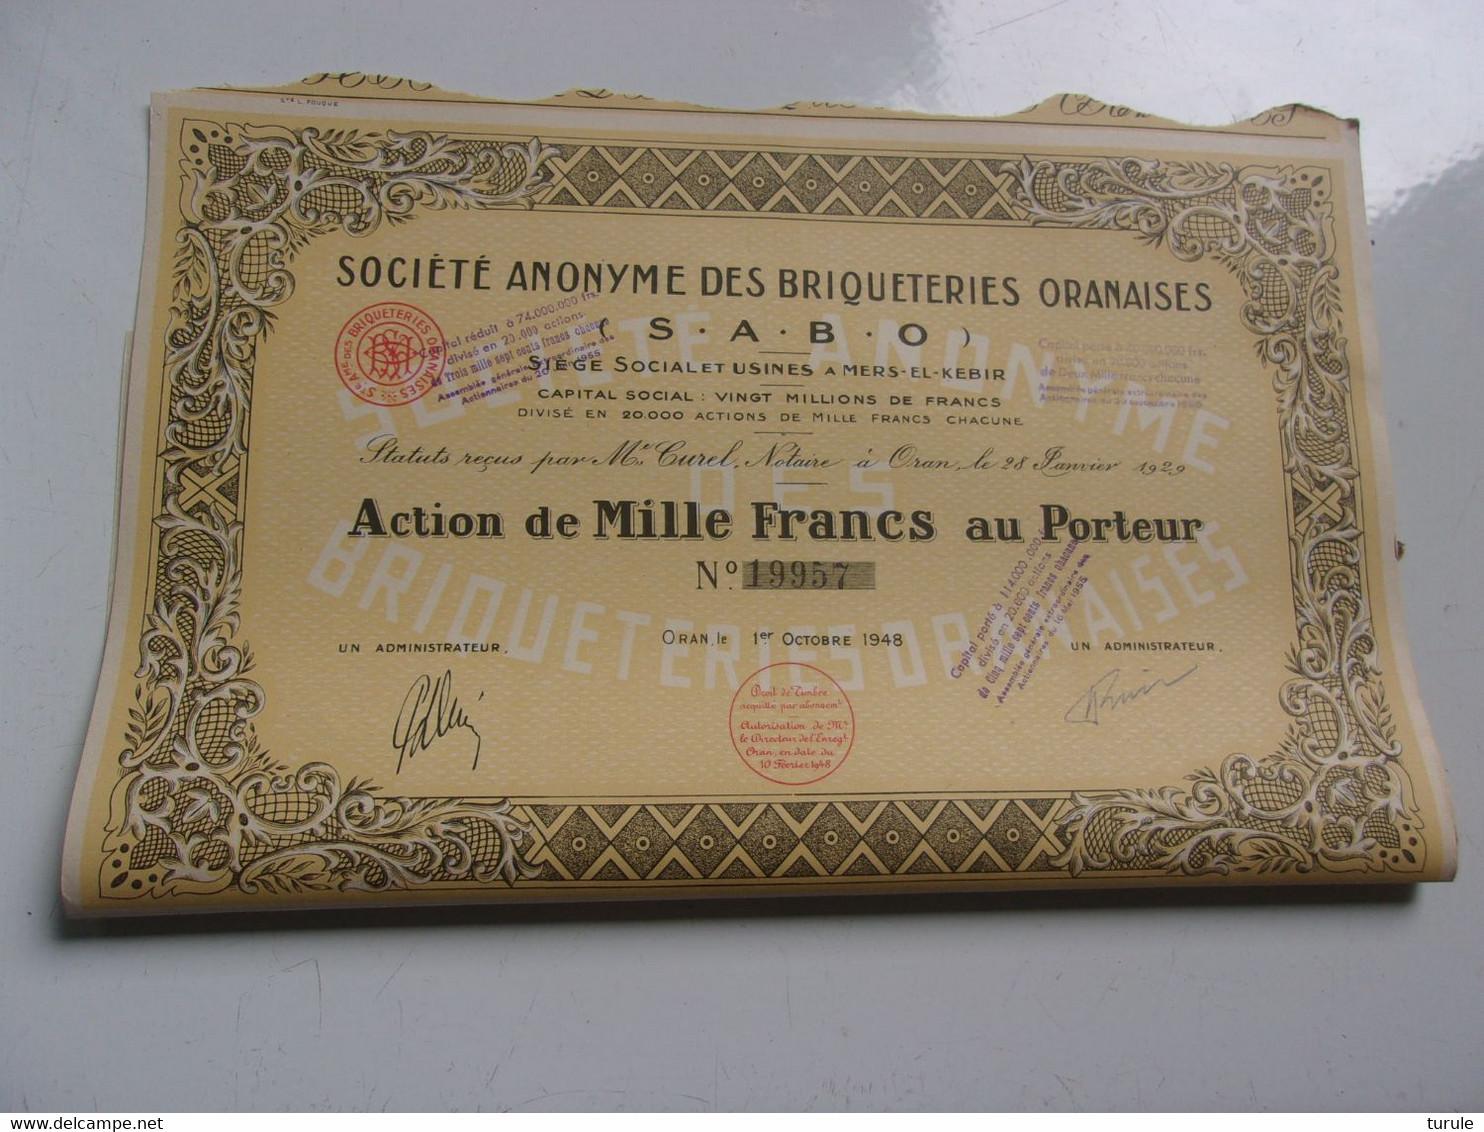 BRIQUETERIES ORANAISES (1948) ALGERIE - Unclassified